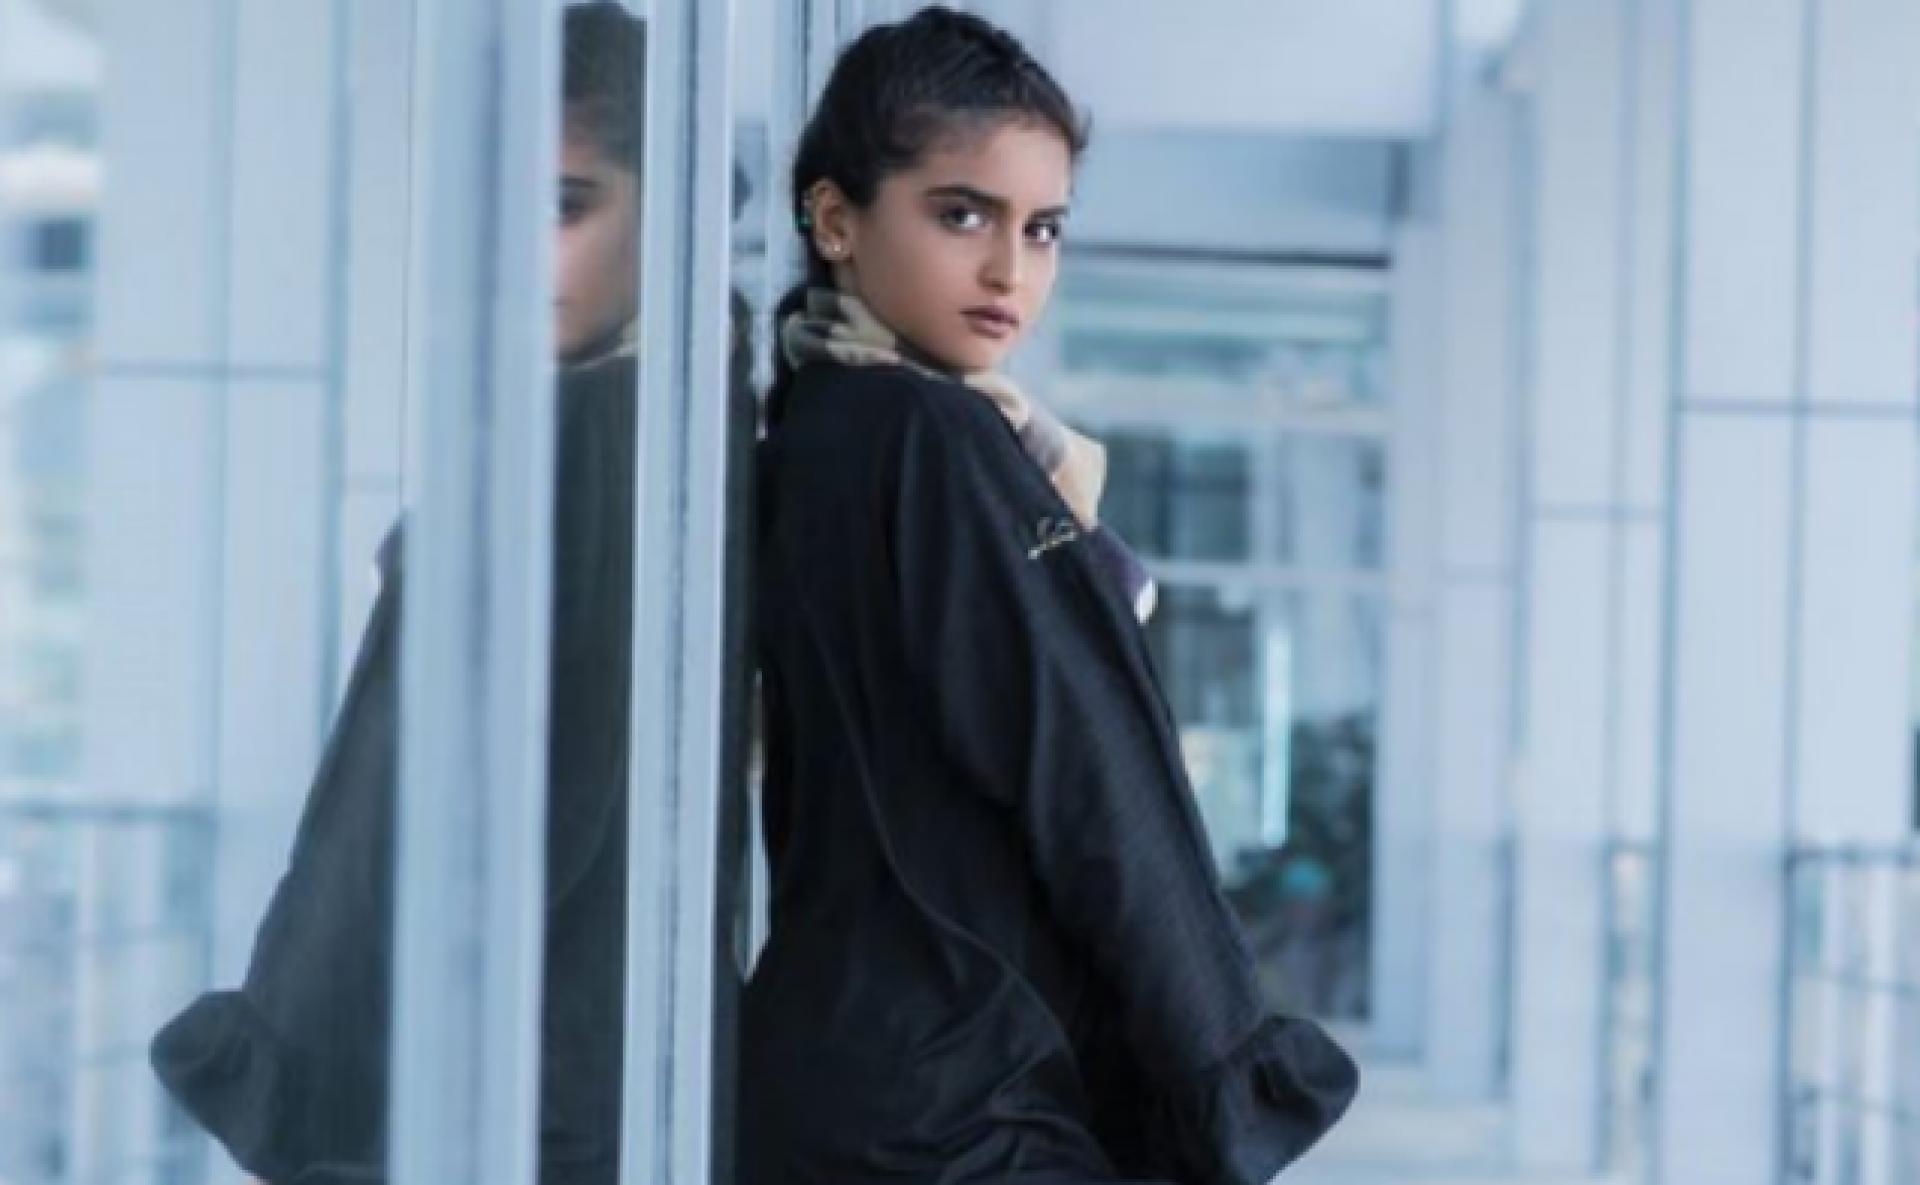 بالصور - حلا الترك تضج انوثة بالعباءة... ماذا ارتدت تحتها؟   Laha Magazine